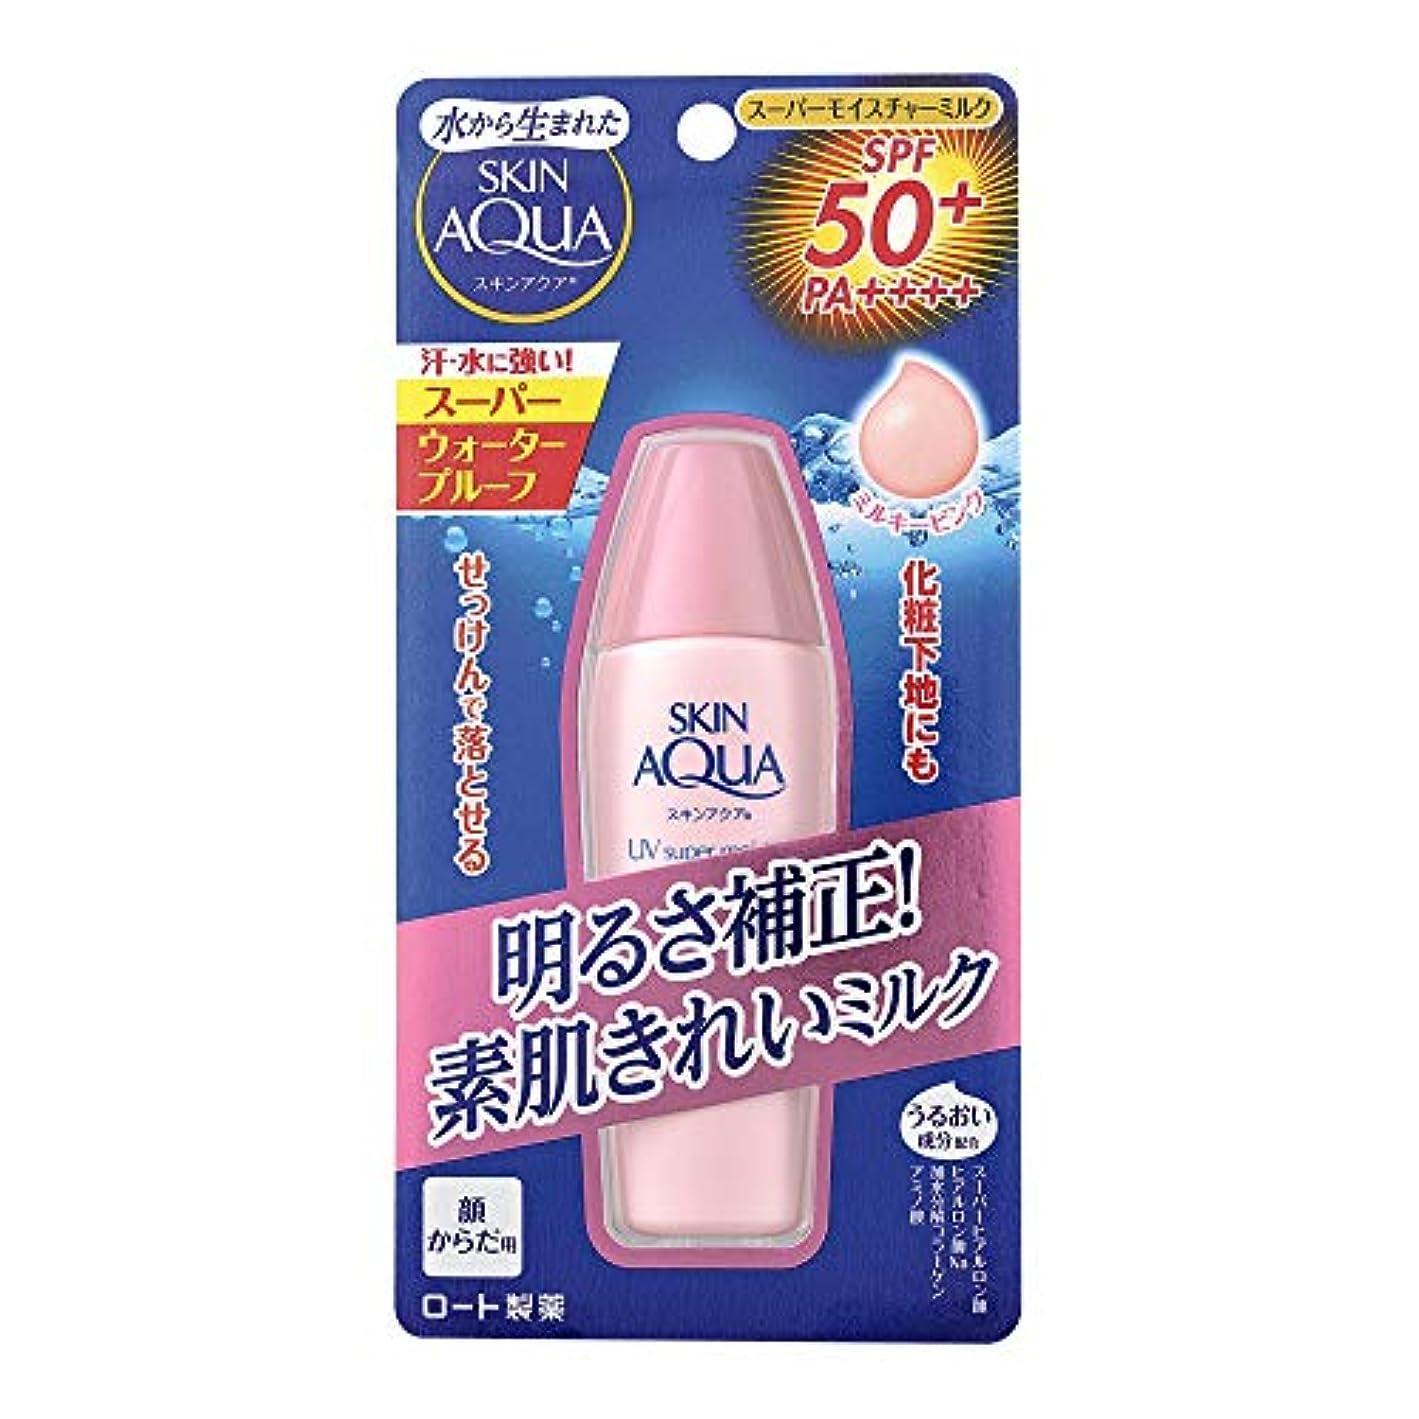 織機数字からかうスキンアクア (SKIN AQUA) 日焼け止め スーパーモイスチャーミルク 潤い成分4種配合 水感ミルク ミルキーピンク (SPF50 PA++++) 40mL ※スーパーウォータープルーフ